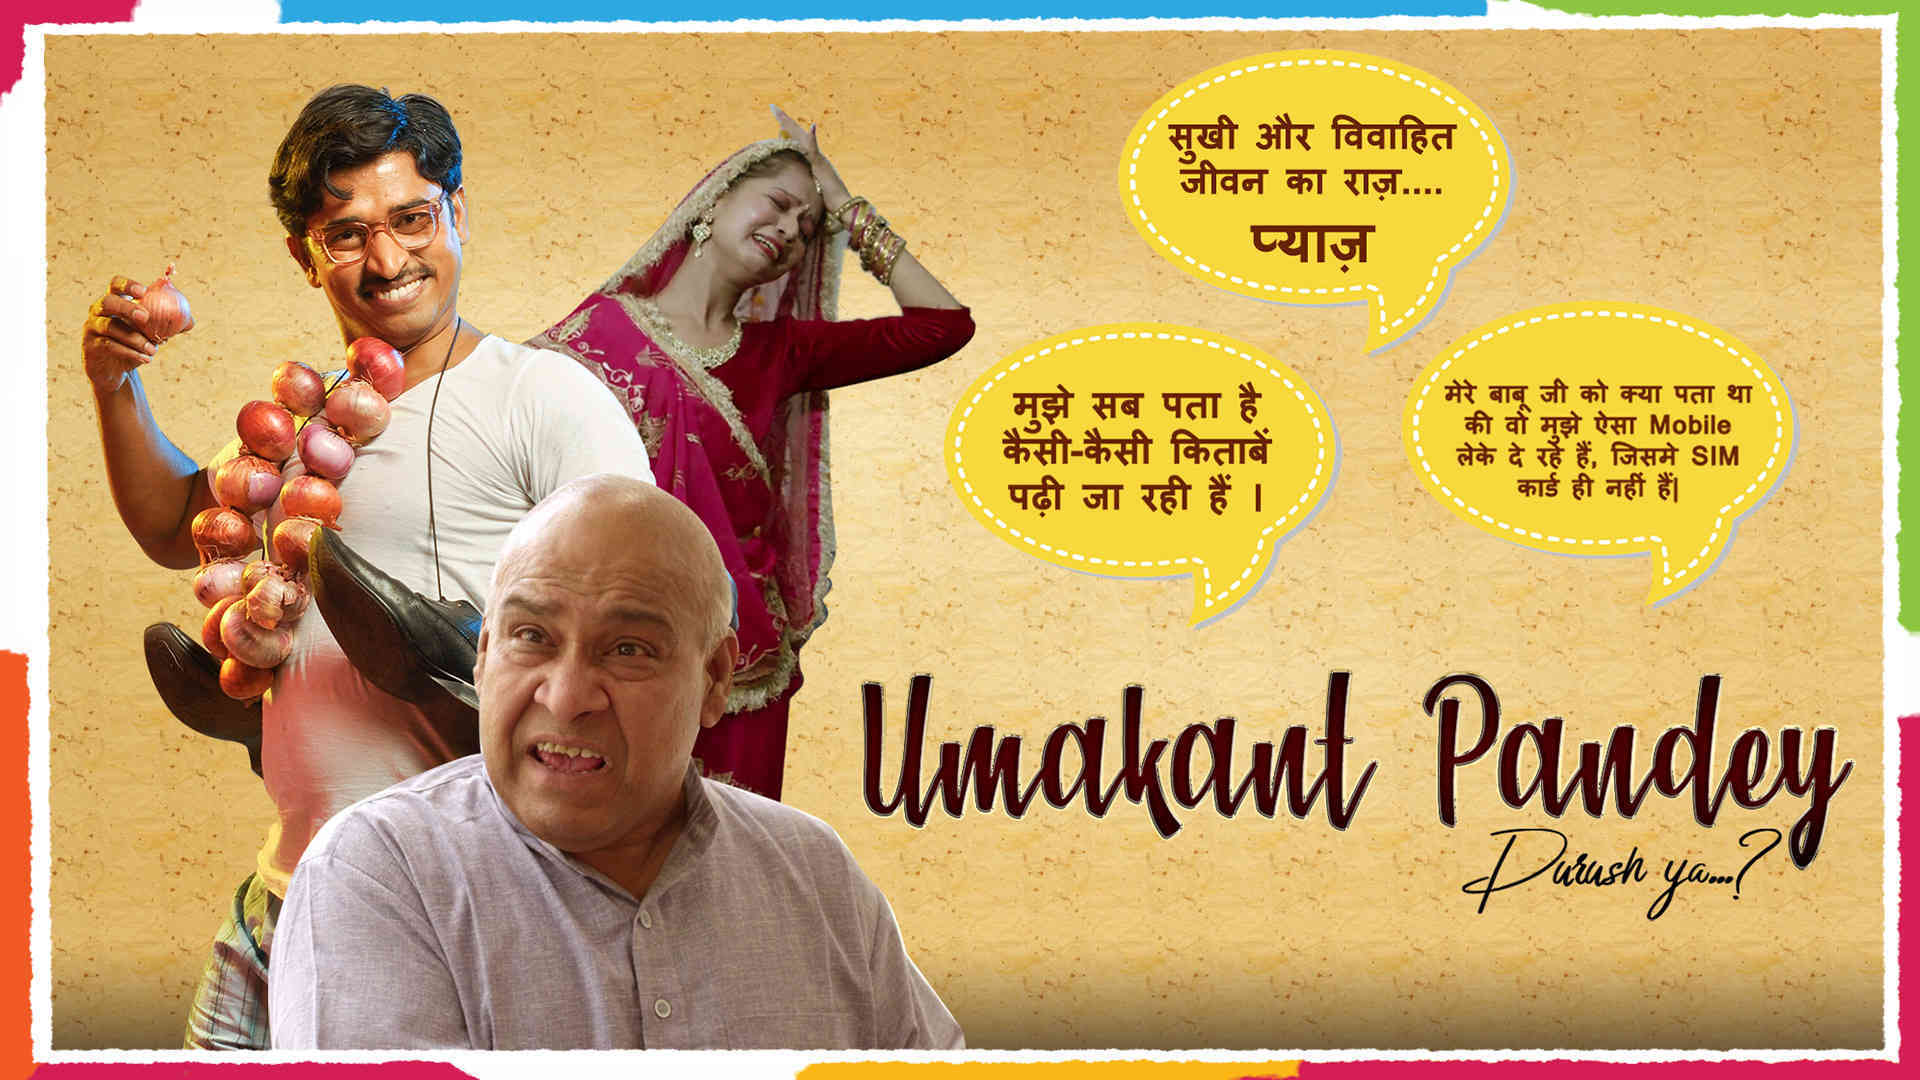 Umakant Pandey Purush Ya...?